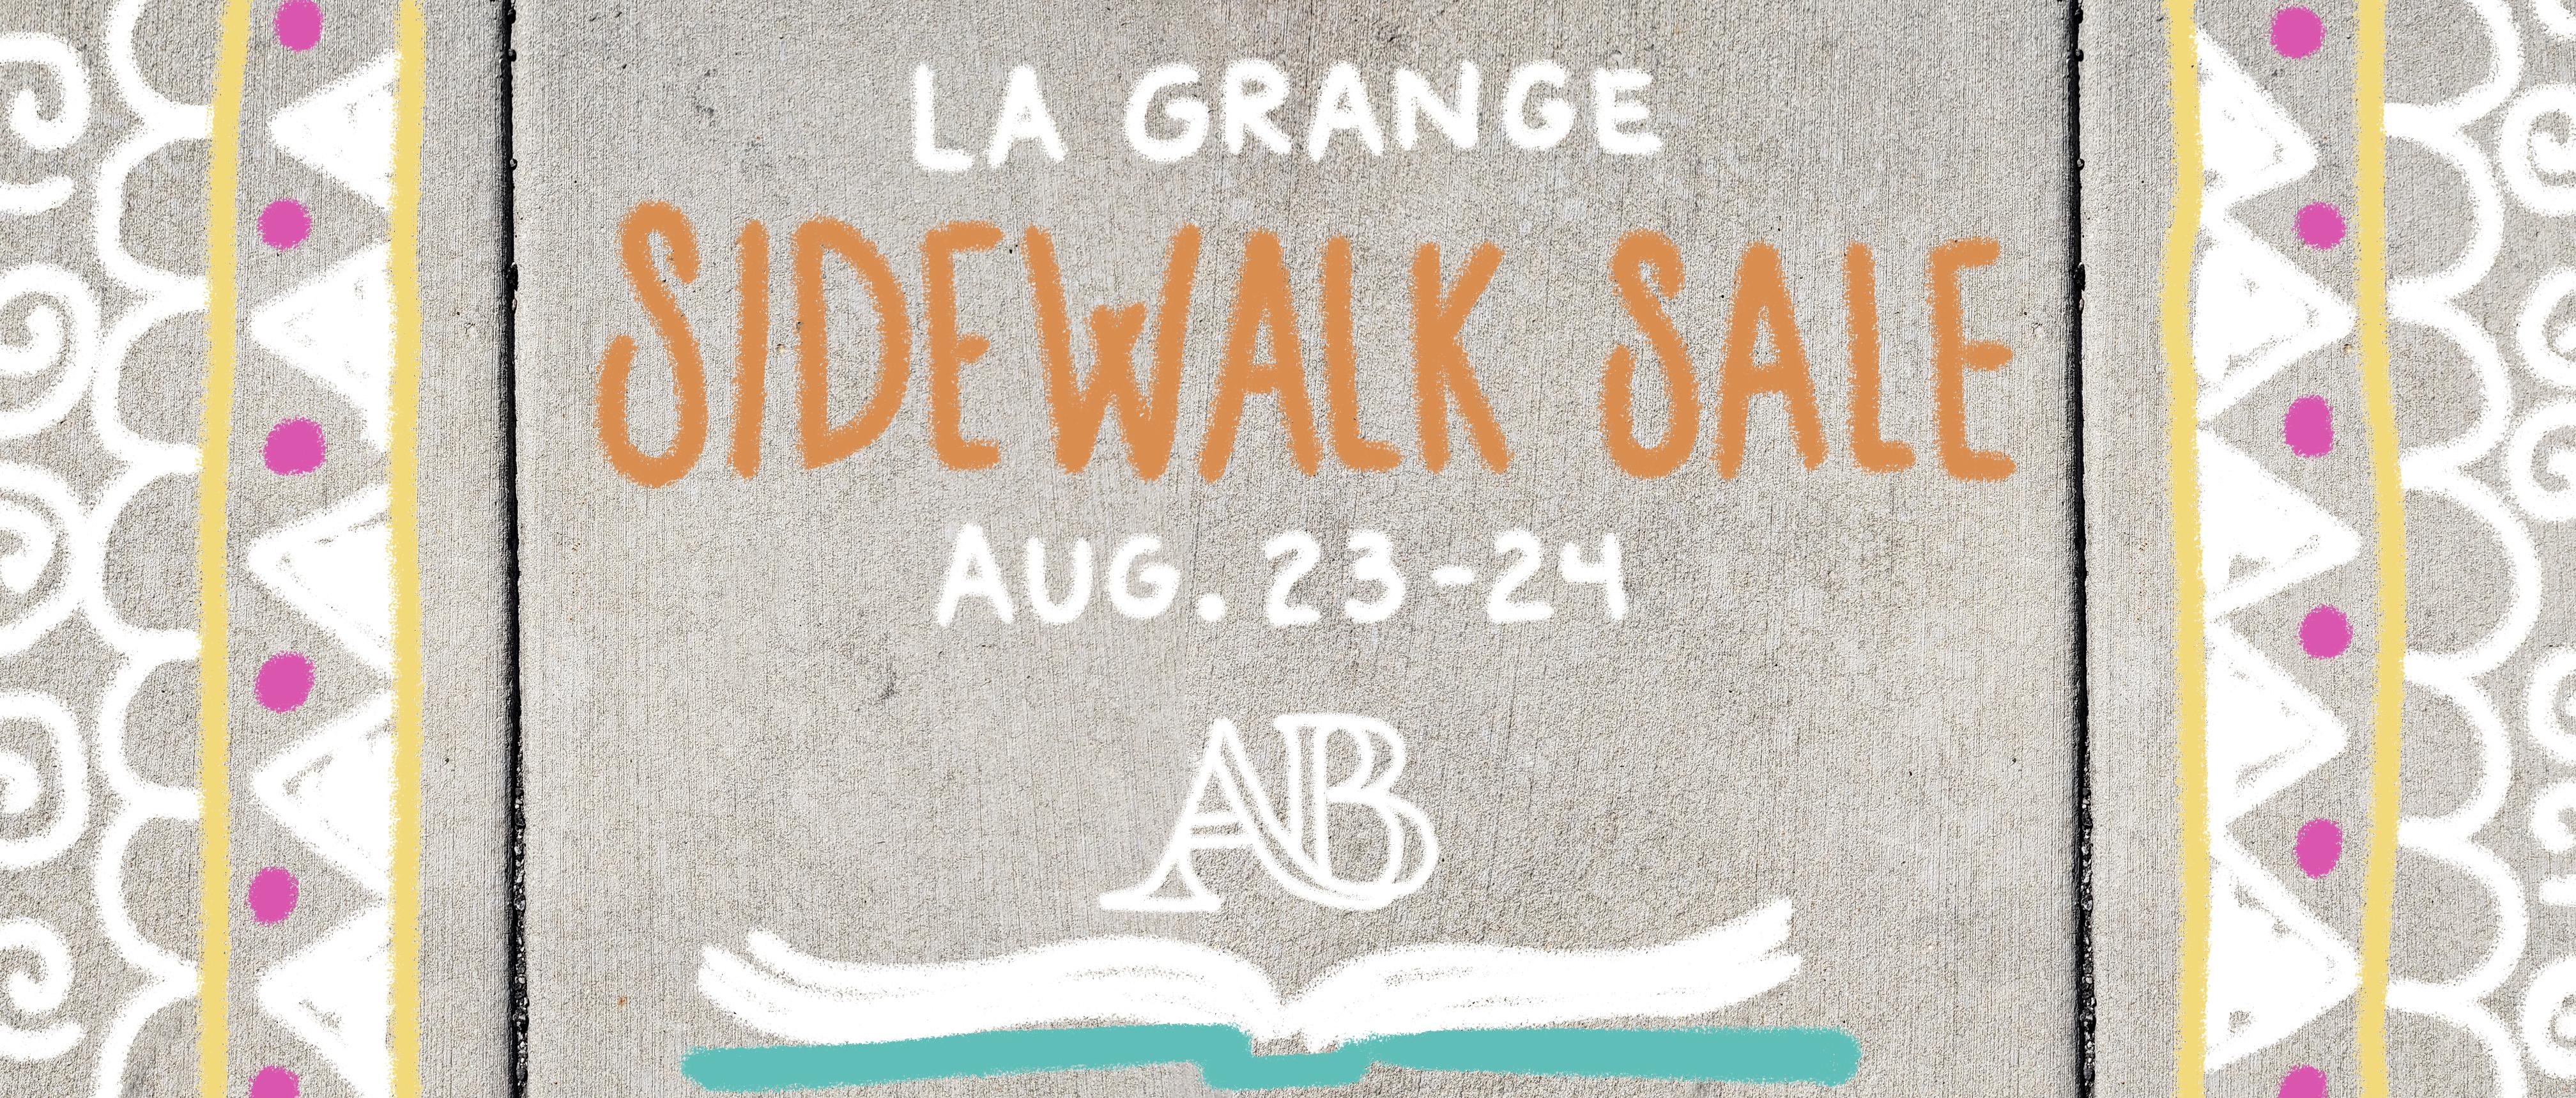 Sidewalk Sale in La Grange